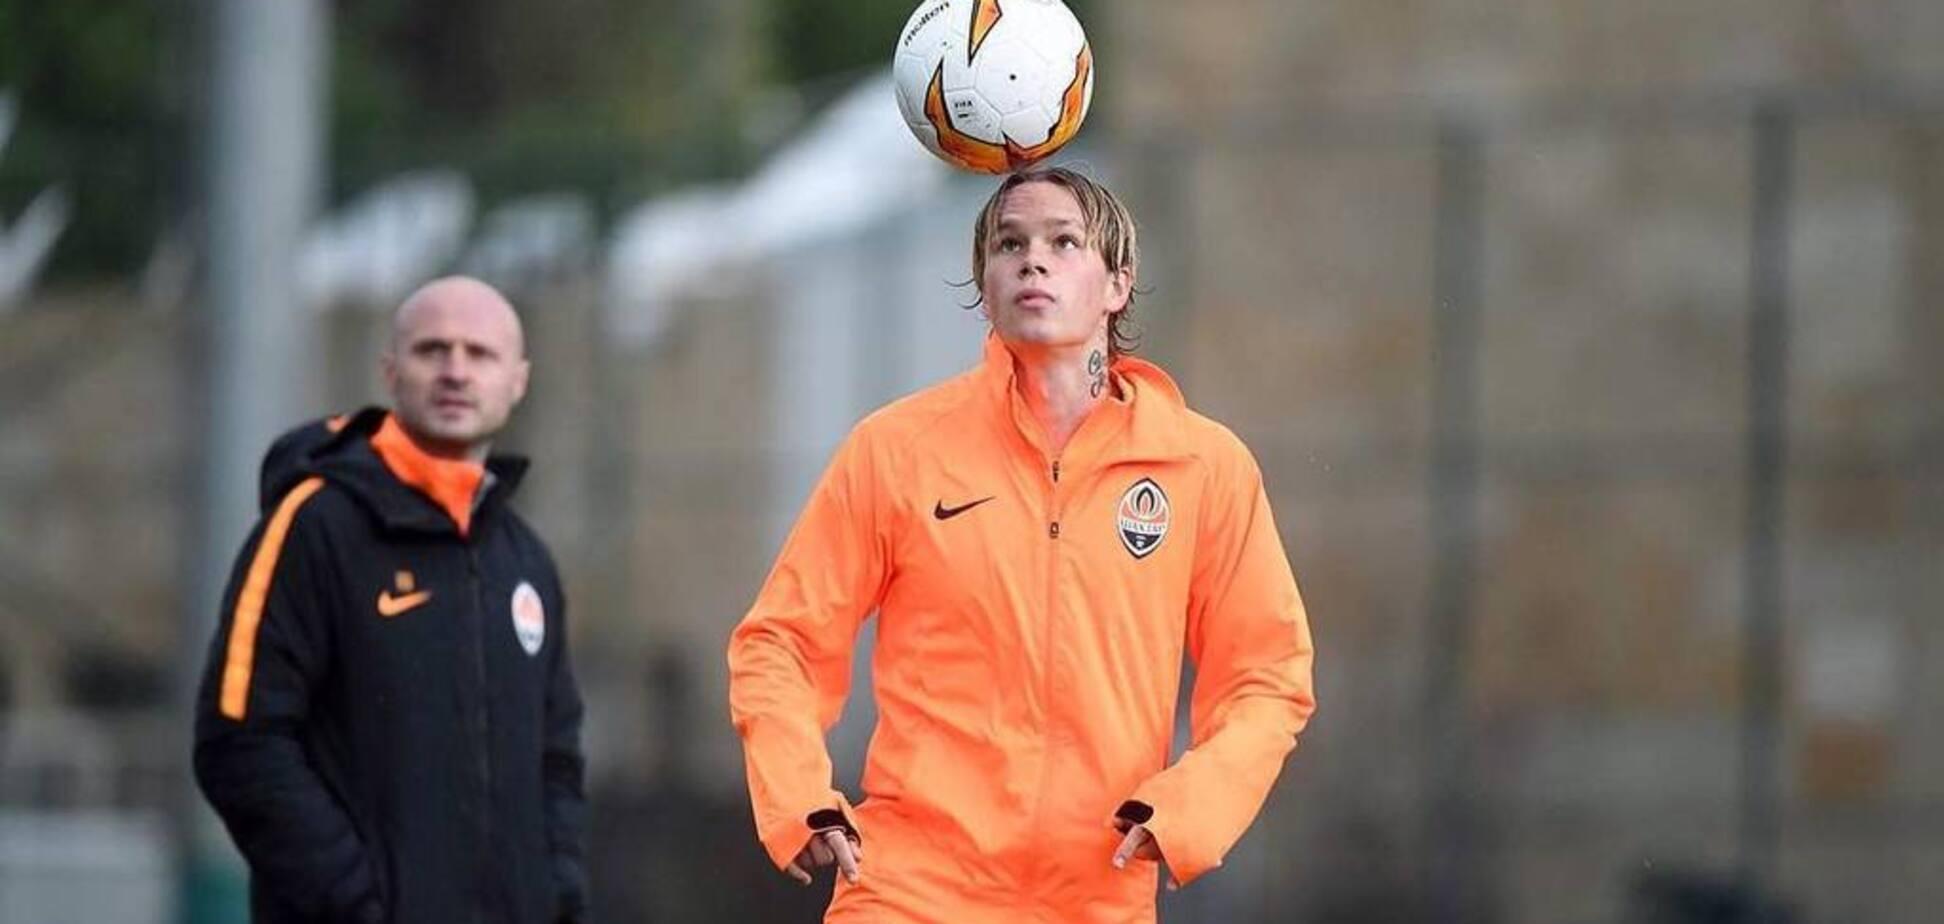 Півзахисник 'Шахтаря' відмовився переходити в 'мутний київський клуб'